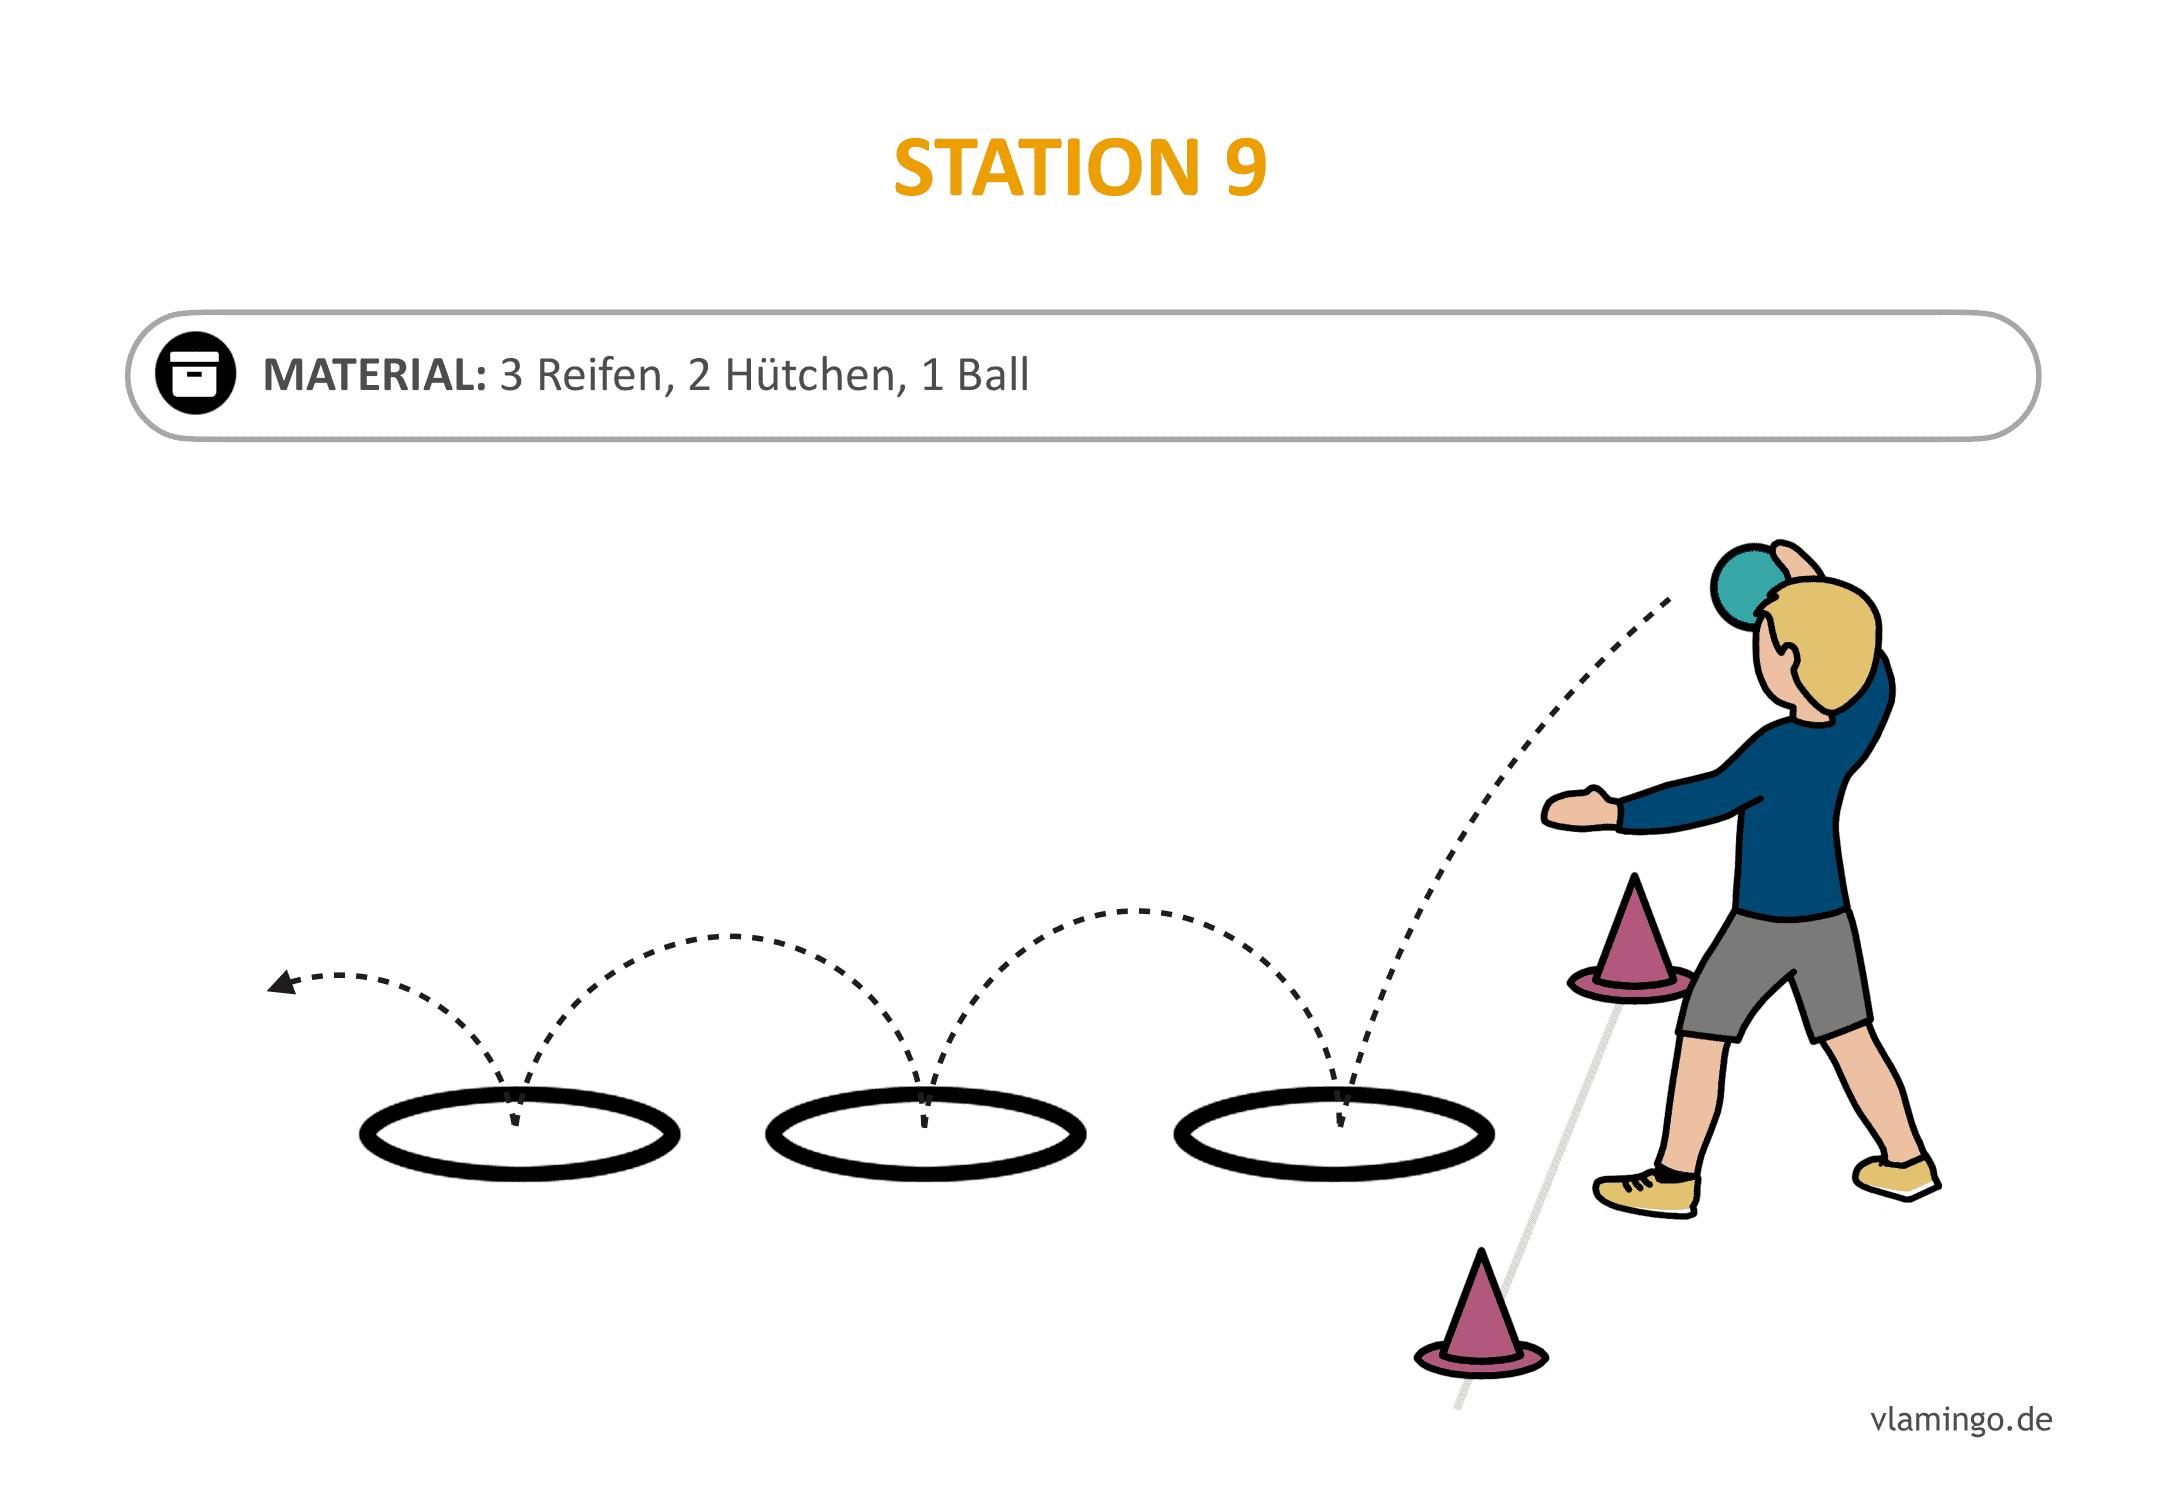 Handballgolf - Station-09